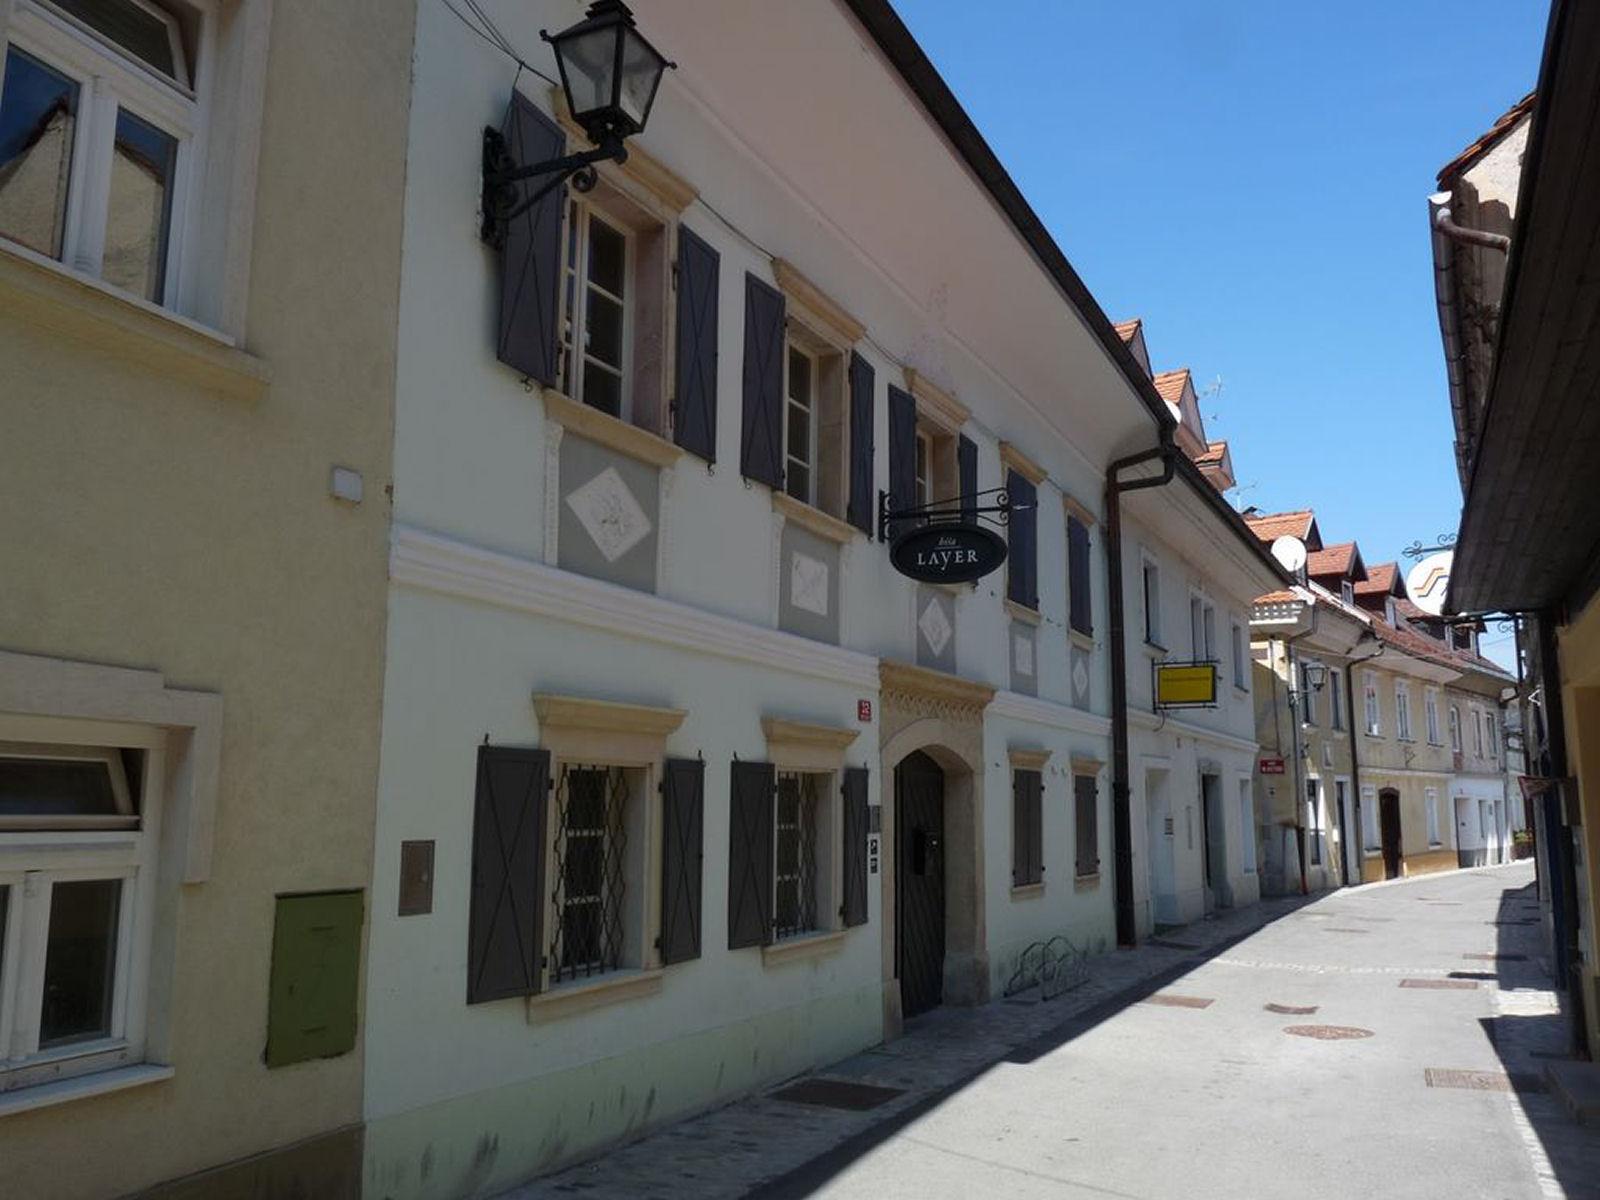 Layer house in Kranj, Slovenia